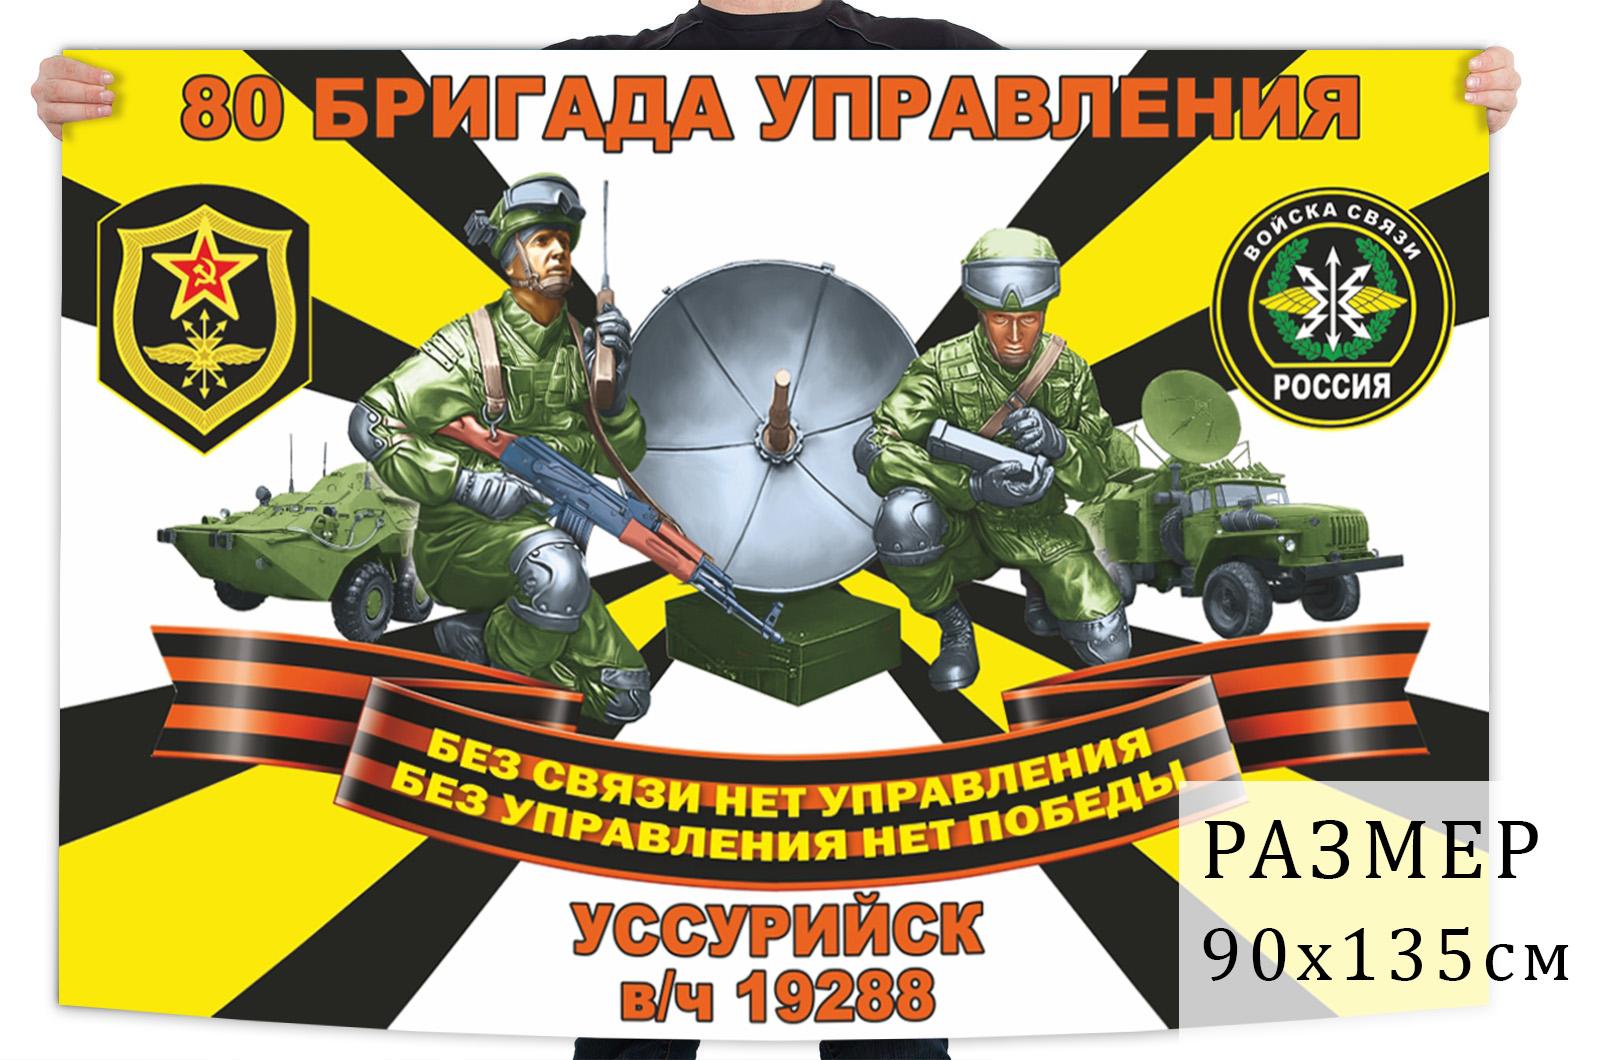 Флаг 80 бригады управления войск связи